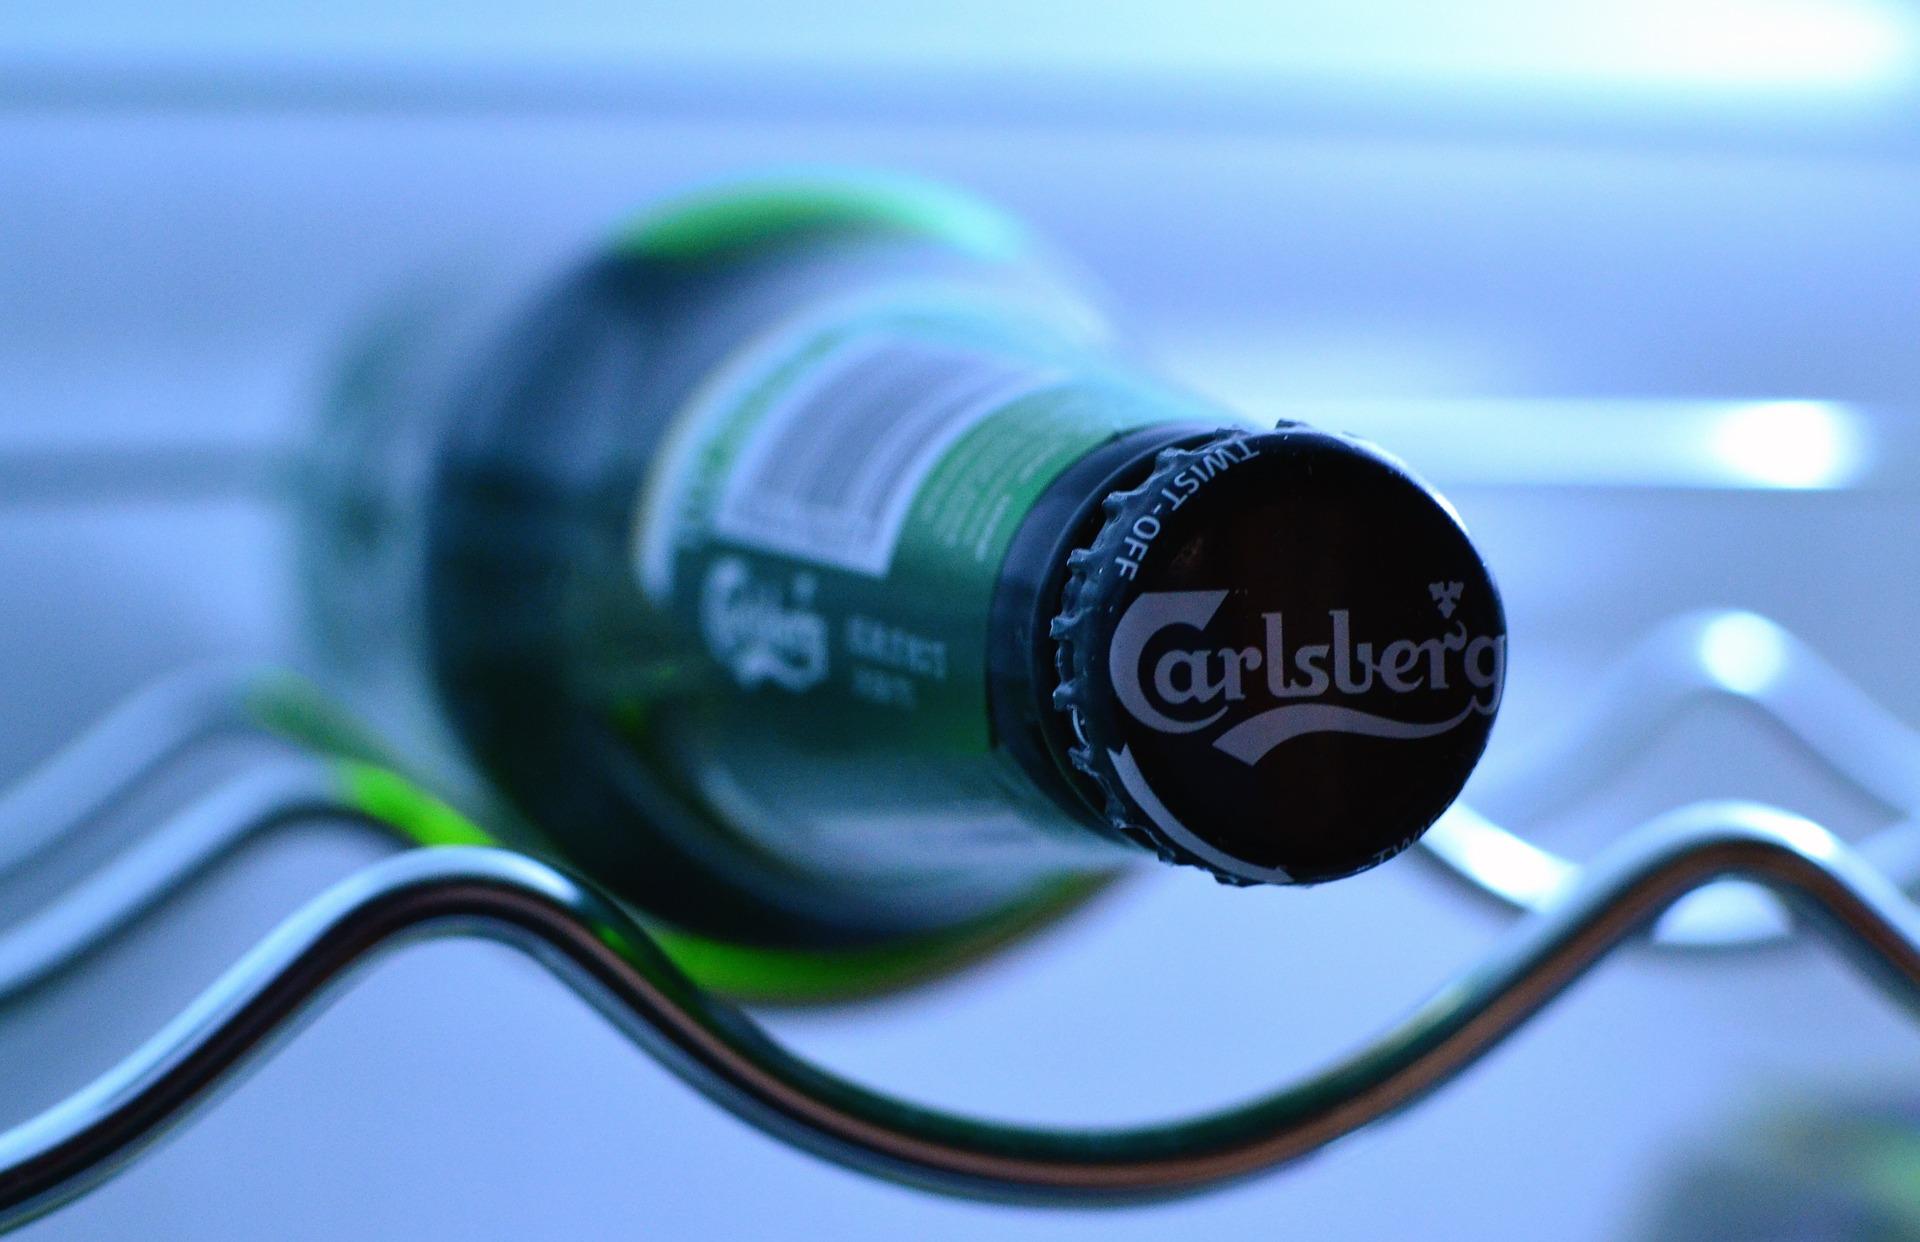 Imagem mostra um close na tampa de uma garrafa de cerveja, que está deitada numa prateleira de uma cervejeira .